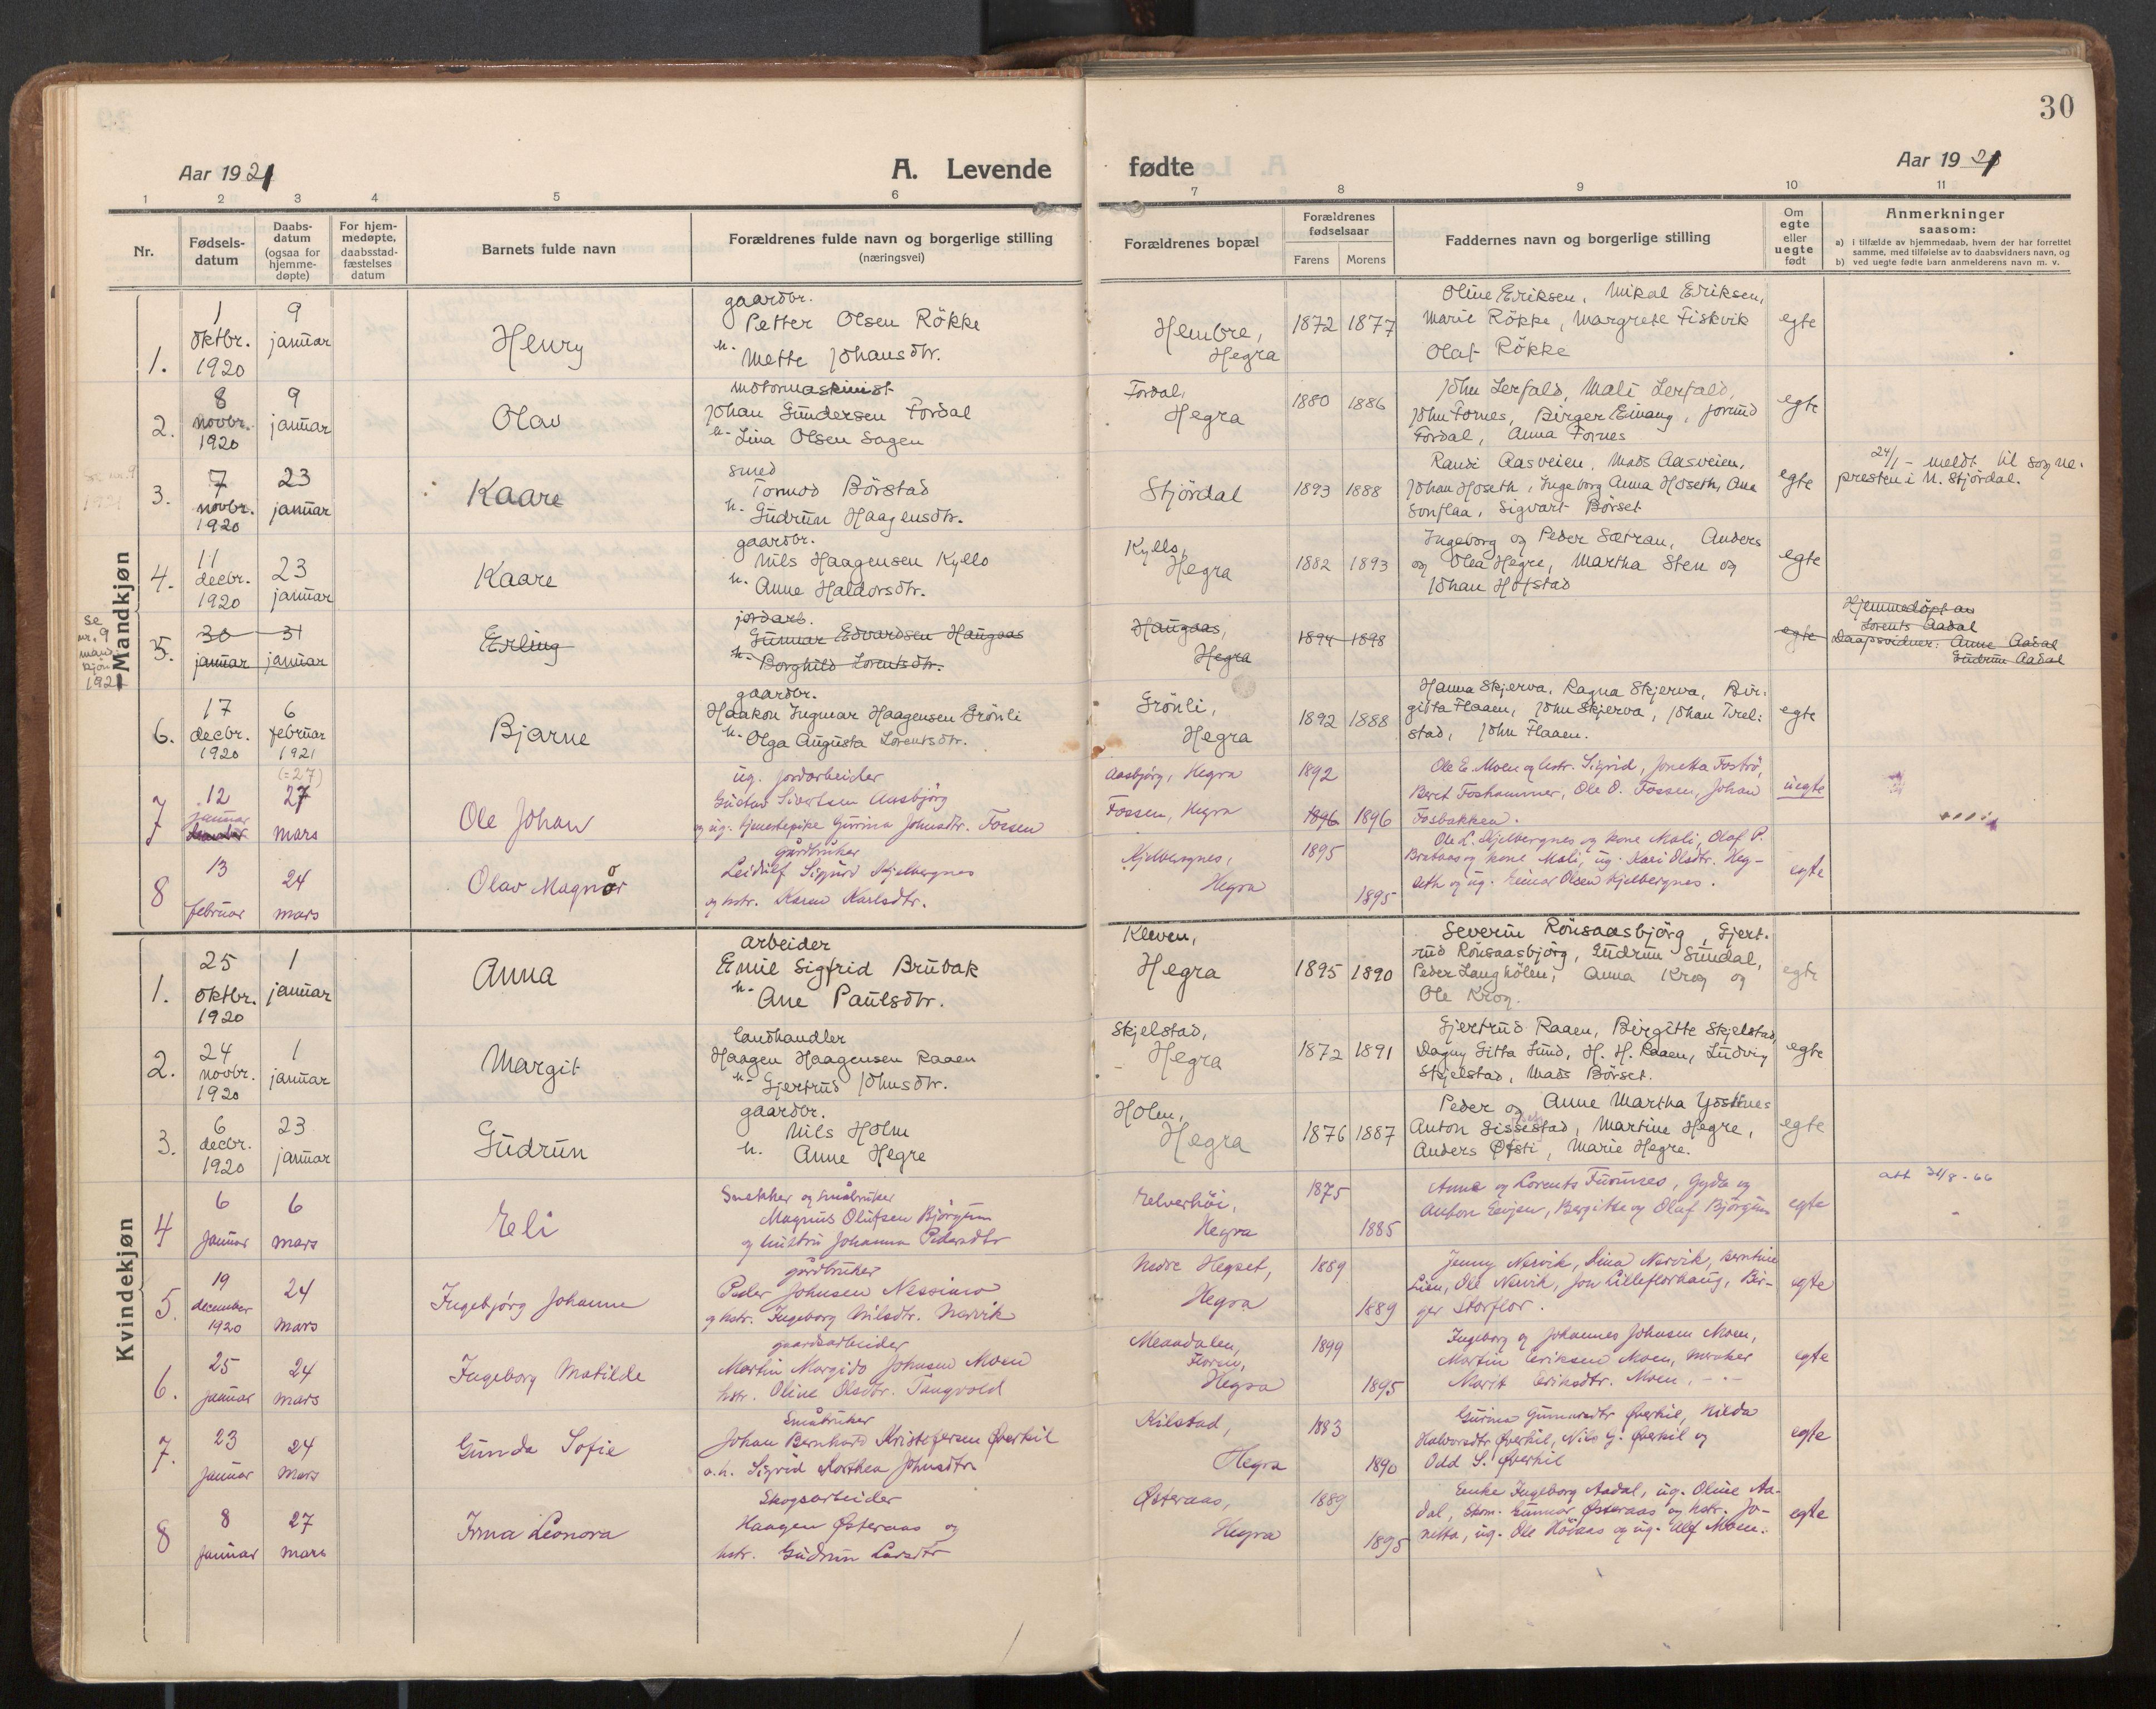 SAT, Ministerialprotokoller, klokkerbøker og fødselsregistre - Nord-Trøndelag, 703/L0037: Parish register (official) no. 703A10, 1915-1932, p. 30